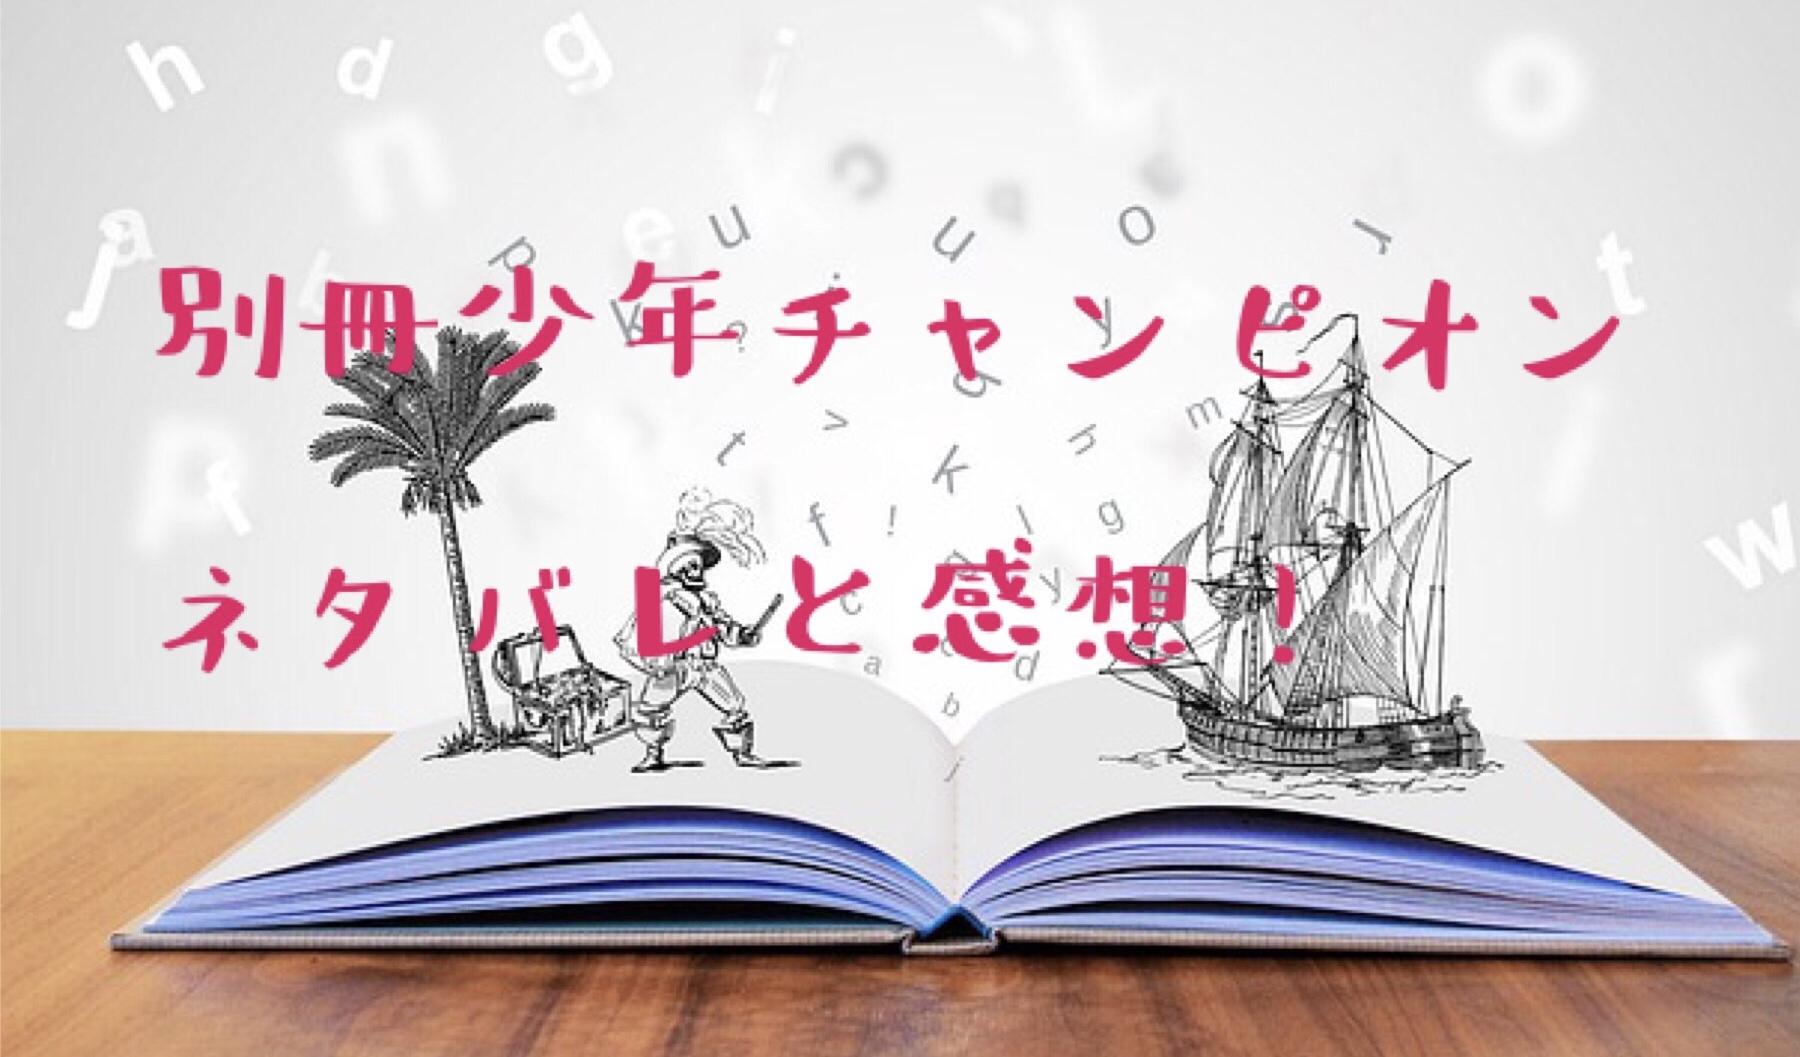 レッドデータプラネット【最新第2話】絶滅危惧種 ネタバレと感想!